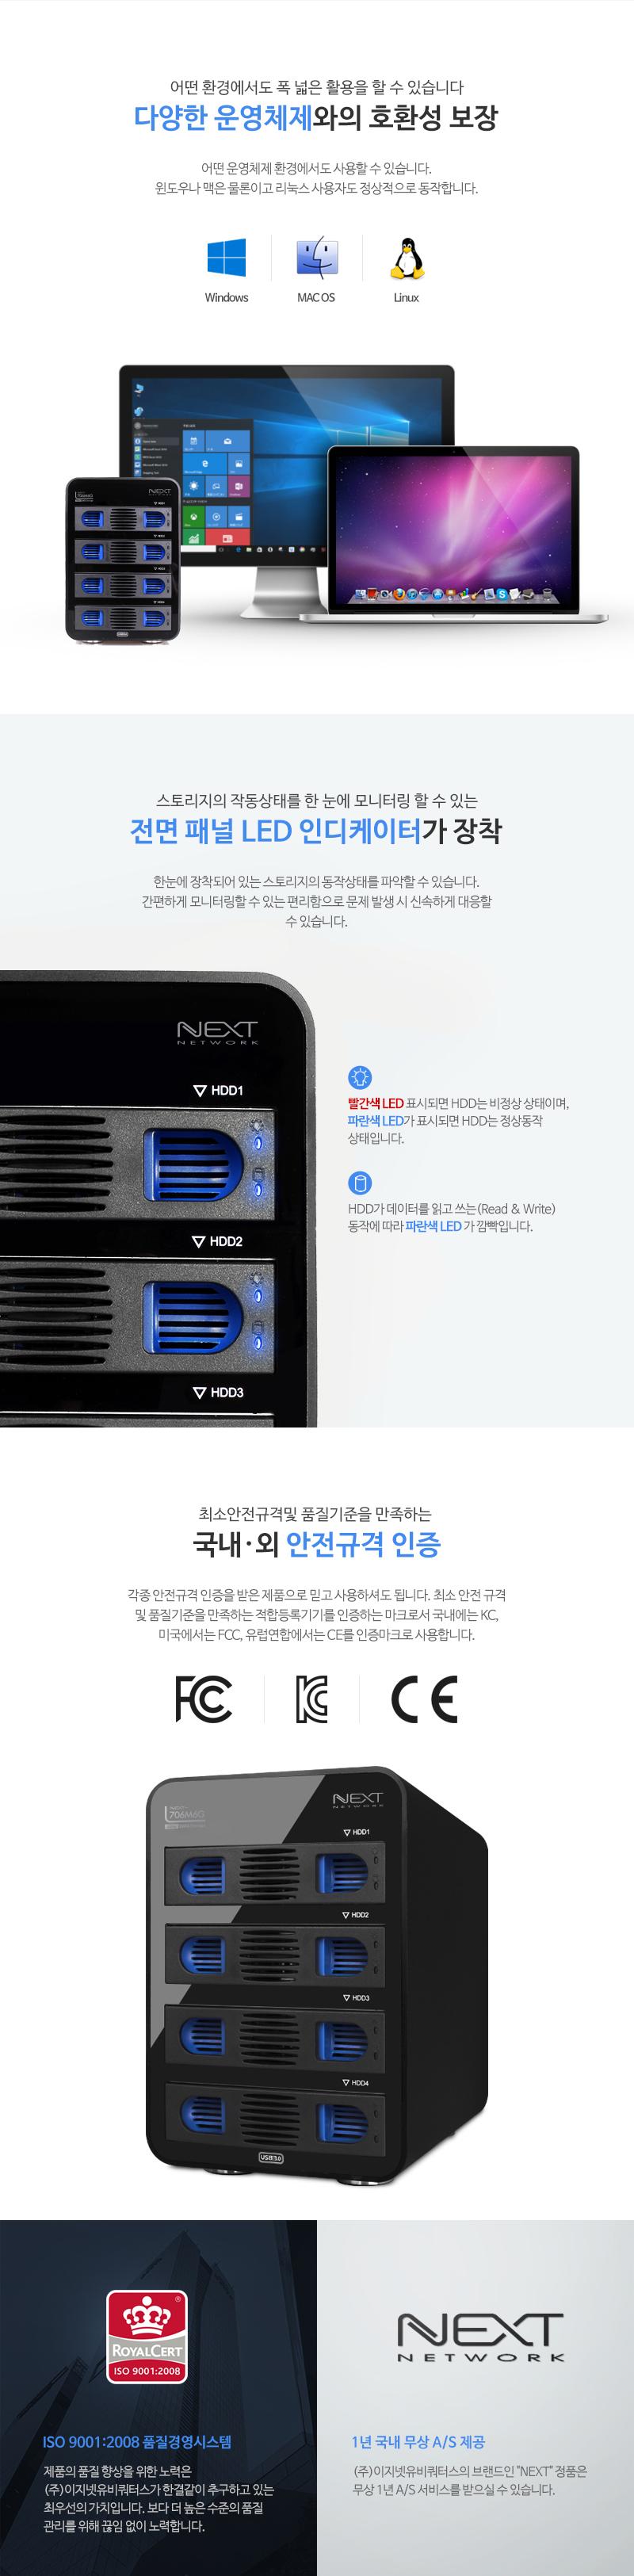 이지넷유비쿼터스 넥스트 NEXT-706M6G (12TB)